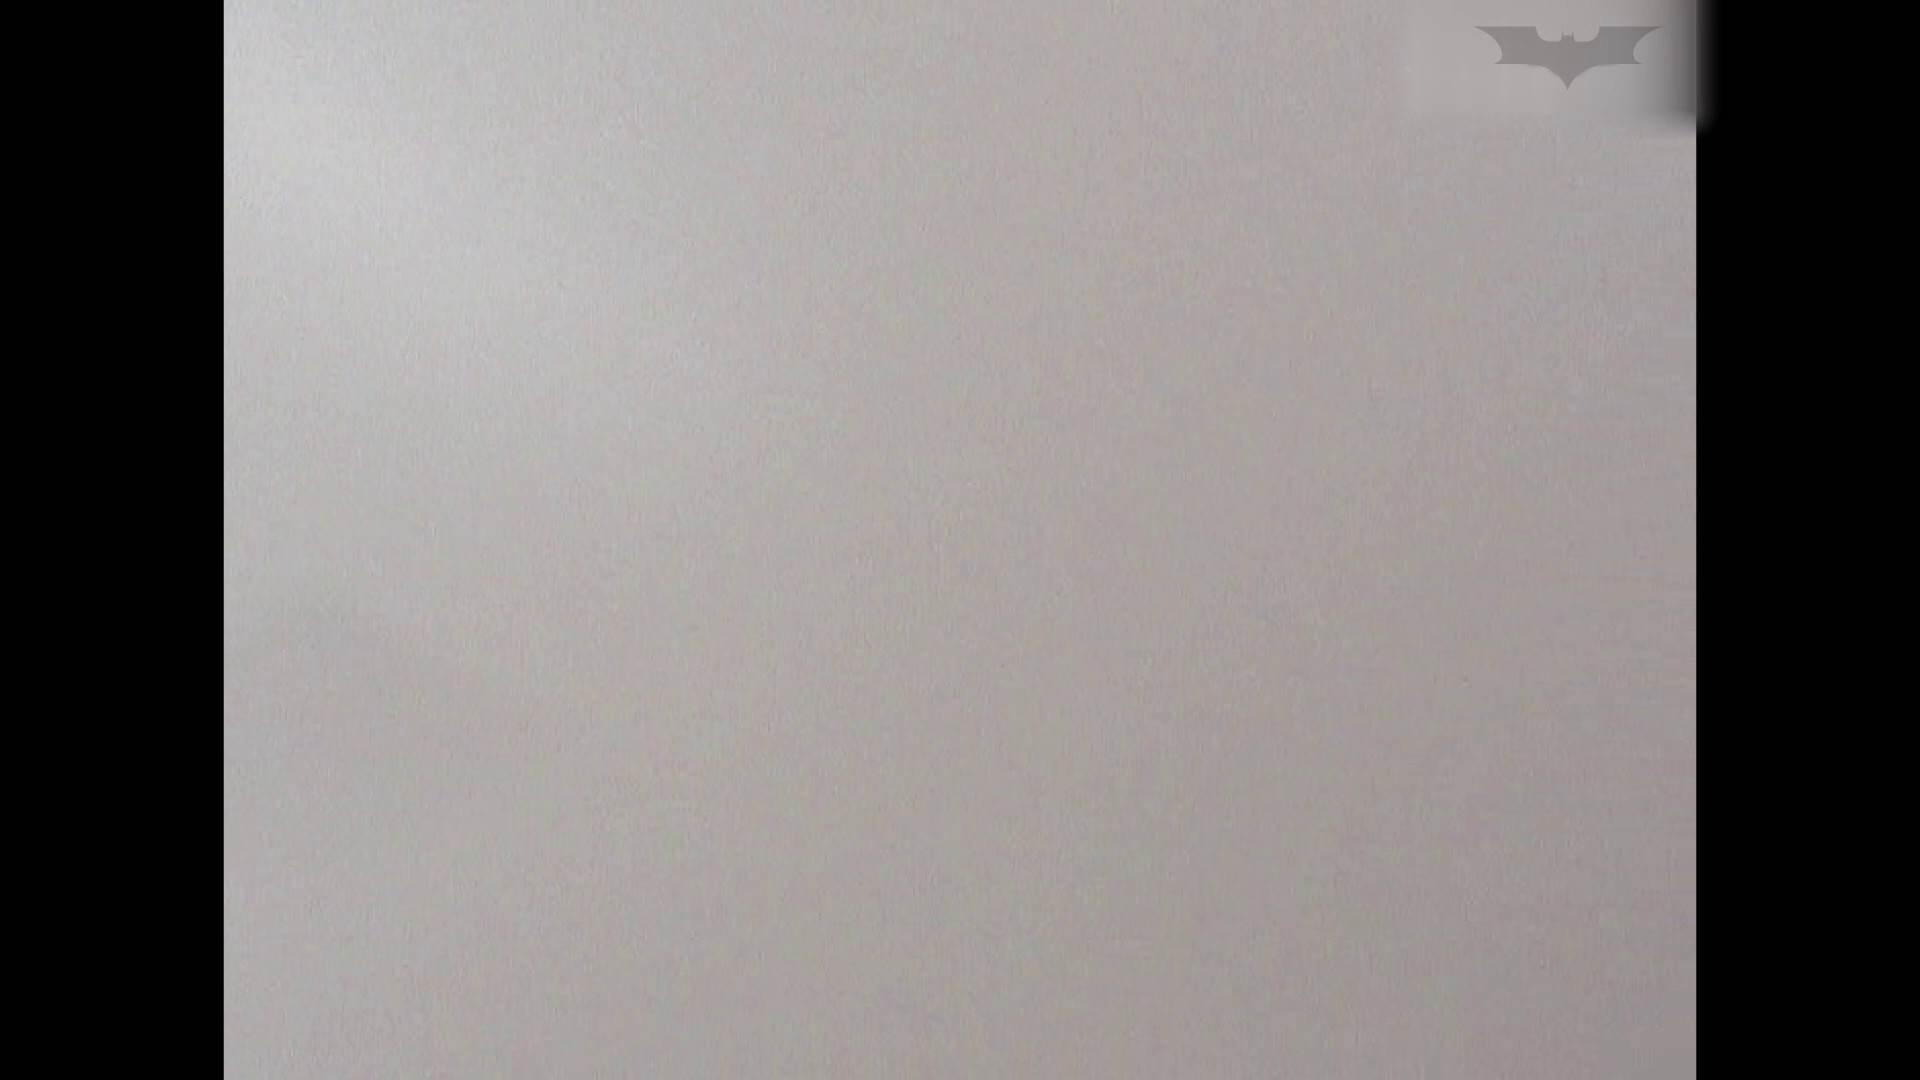 ピカ満グロ満KAWAYA物語 期間限定神キタ!ツルピカの放nyo!Vol.22 丸見え エロ画像 95画像 45